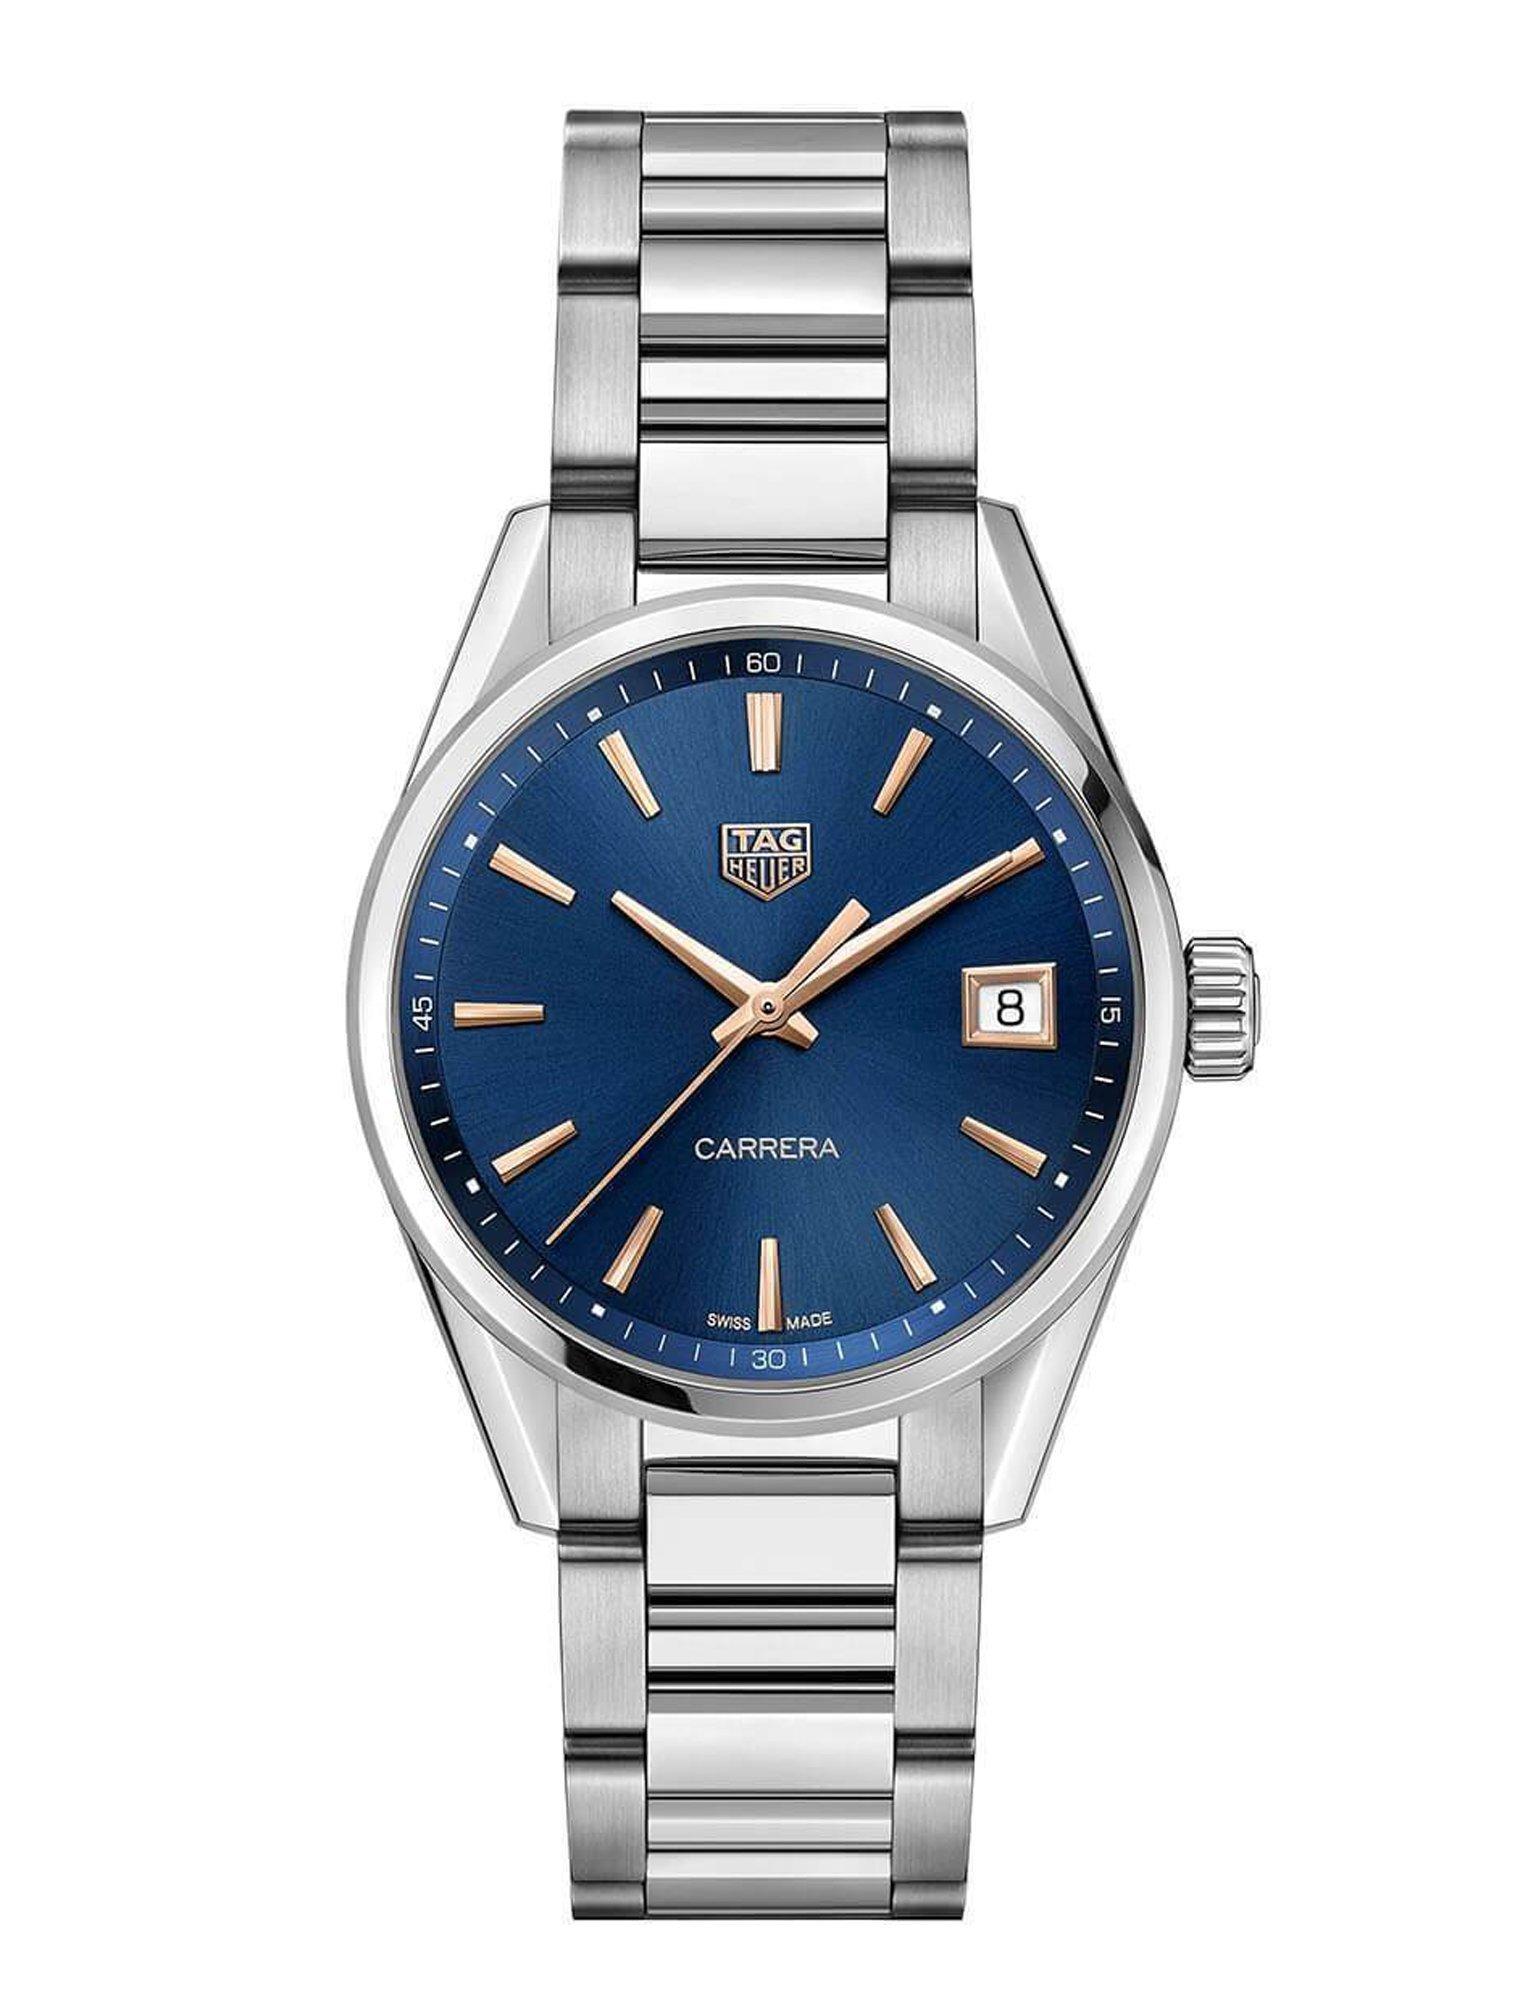 TAG Heuer Carrera Uhren online kaufen bei CHRIST